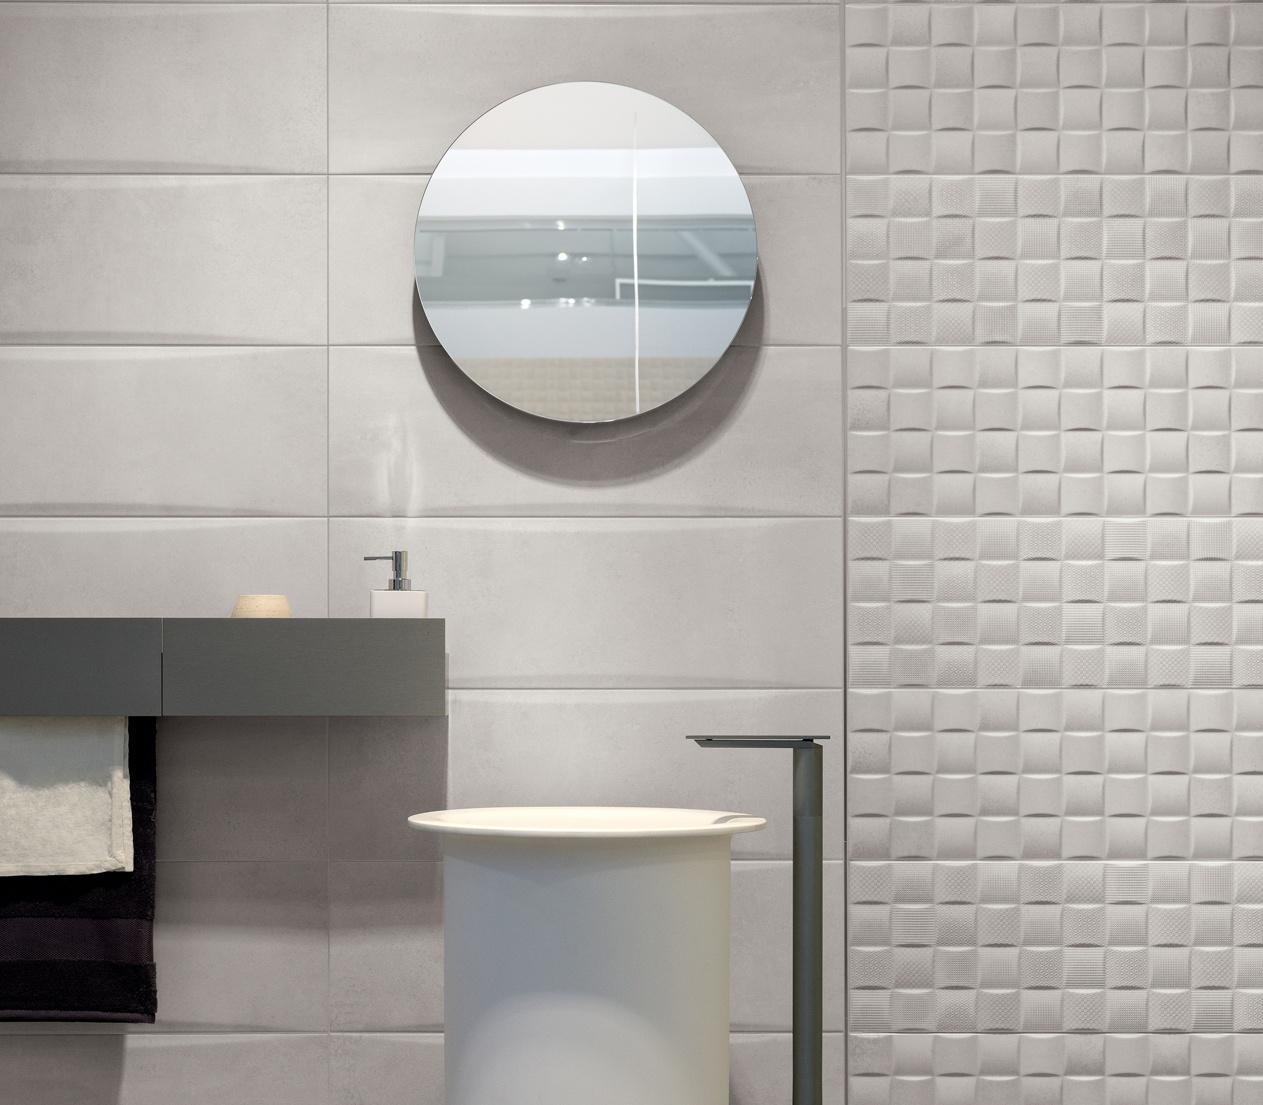 Arredare casa esempi di progetti per bagni piccoli - Bagni piccoli progetti ...